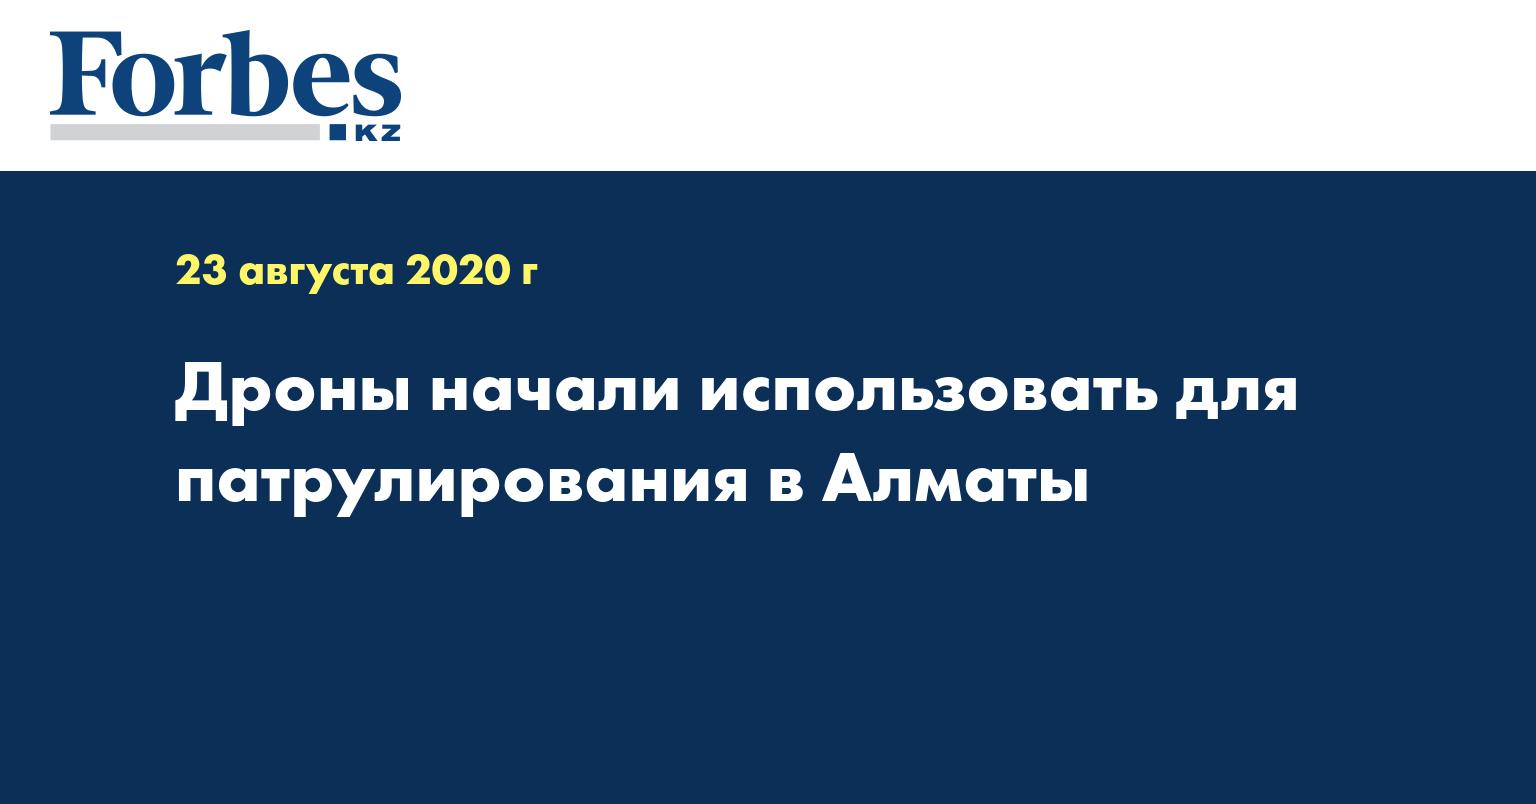 Дроны  начали использовать для патрулирования в Алматы